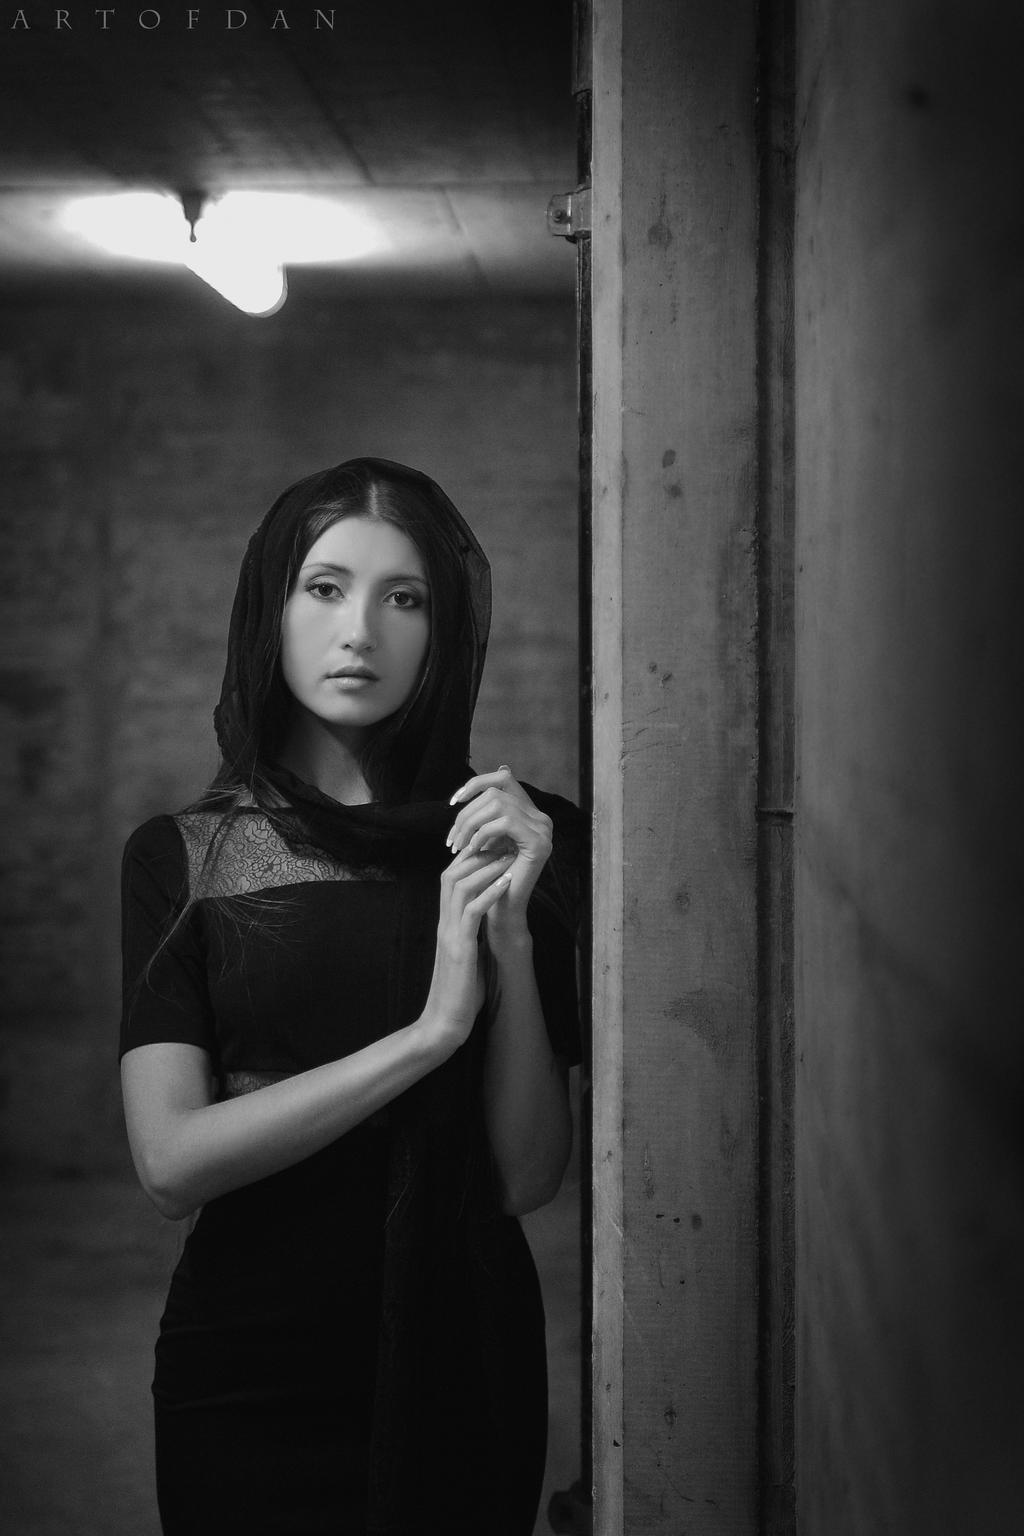 Beauty In Black by artofdan70 on DeviantArt